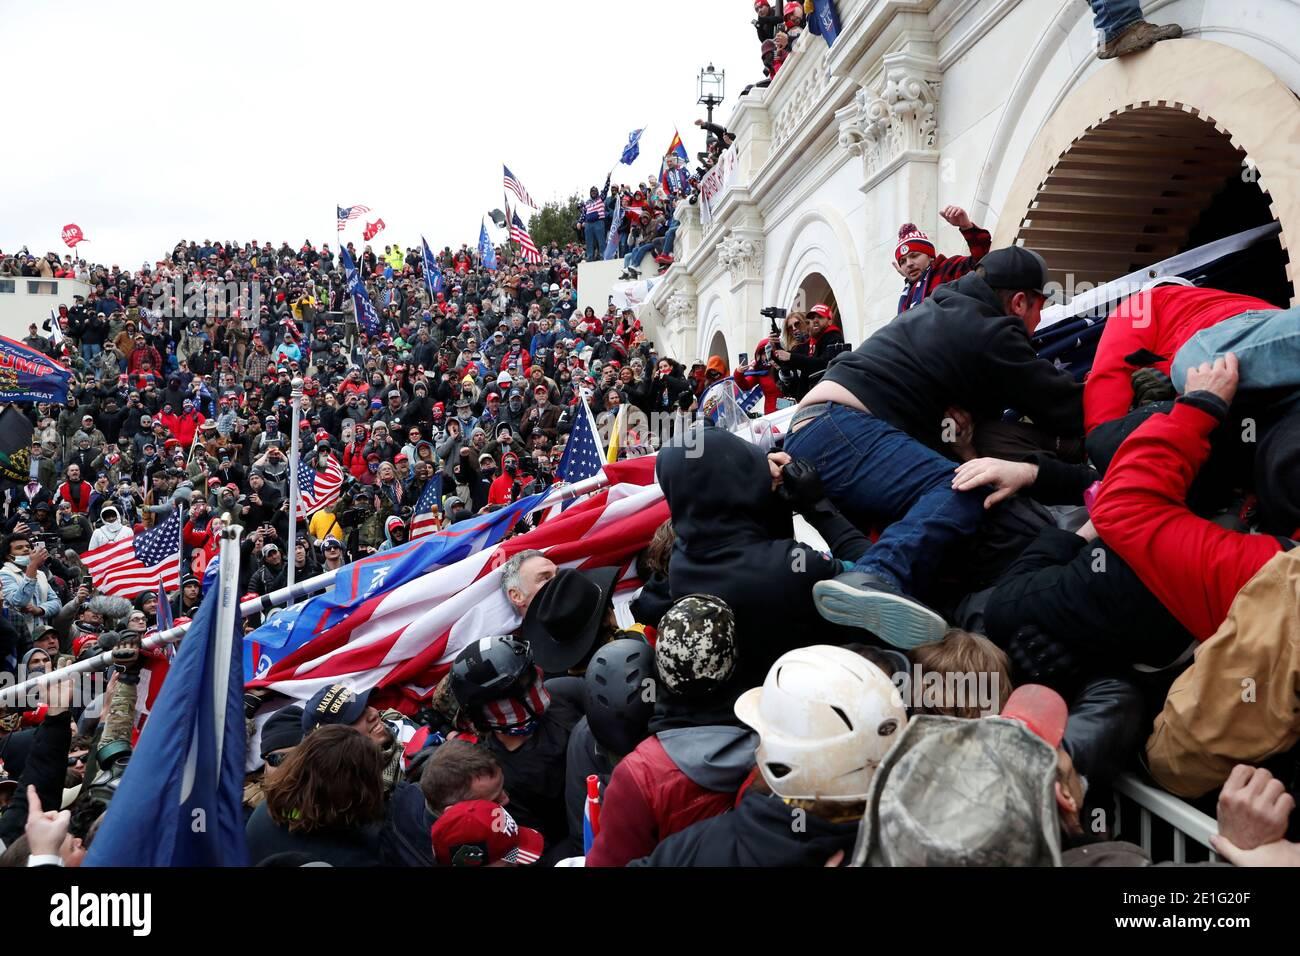 Les manifestants pro-Trump s'affrontent dans le Capitole des États-Unis lors d'affrontements avec la police, lors d'un rassemblement pour contester la certification des résultats de l'élection présidentielle américaine de 2020 par le Congrès américain, à Washington (États-Unis), le 6 janvier 2021. REUTERS/Shannon Stapleton Banque D'Images